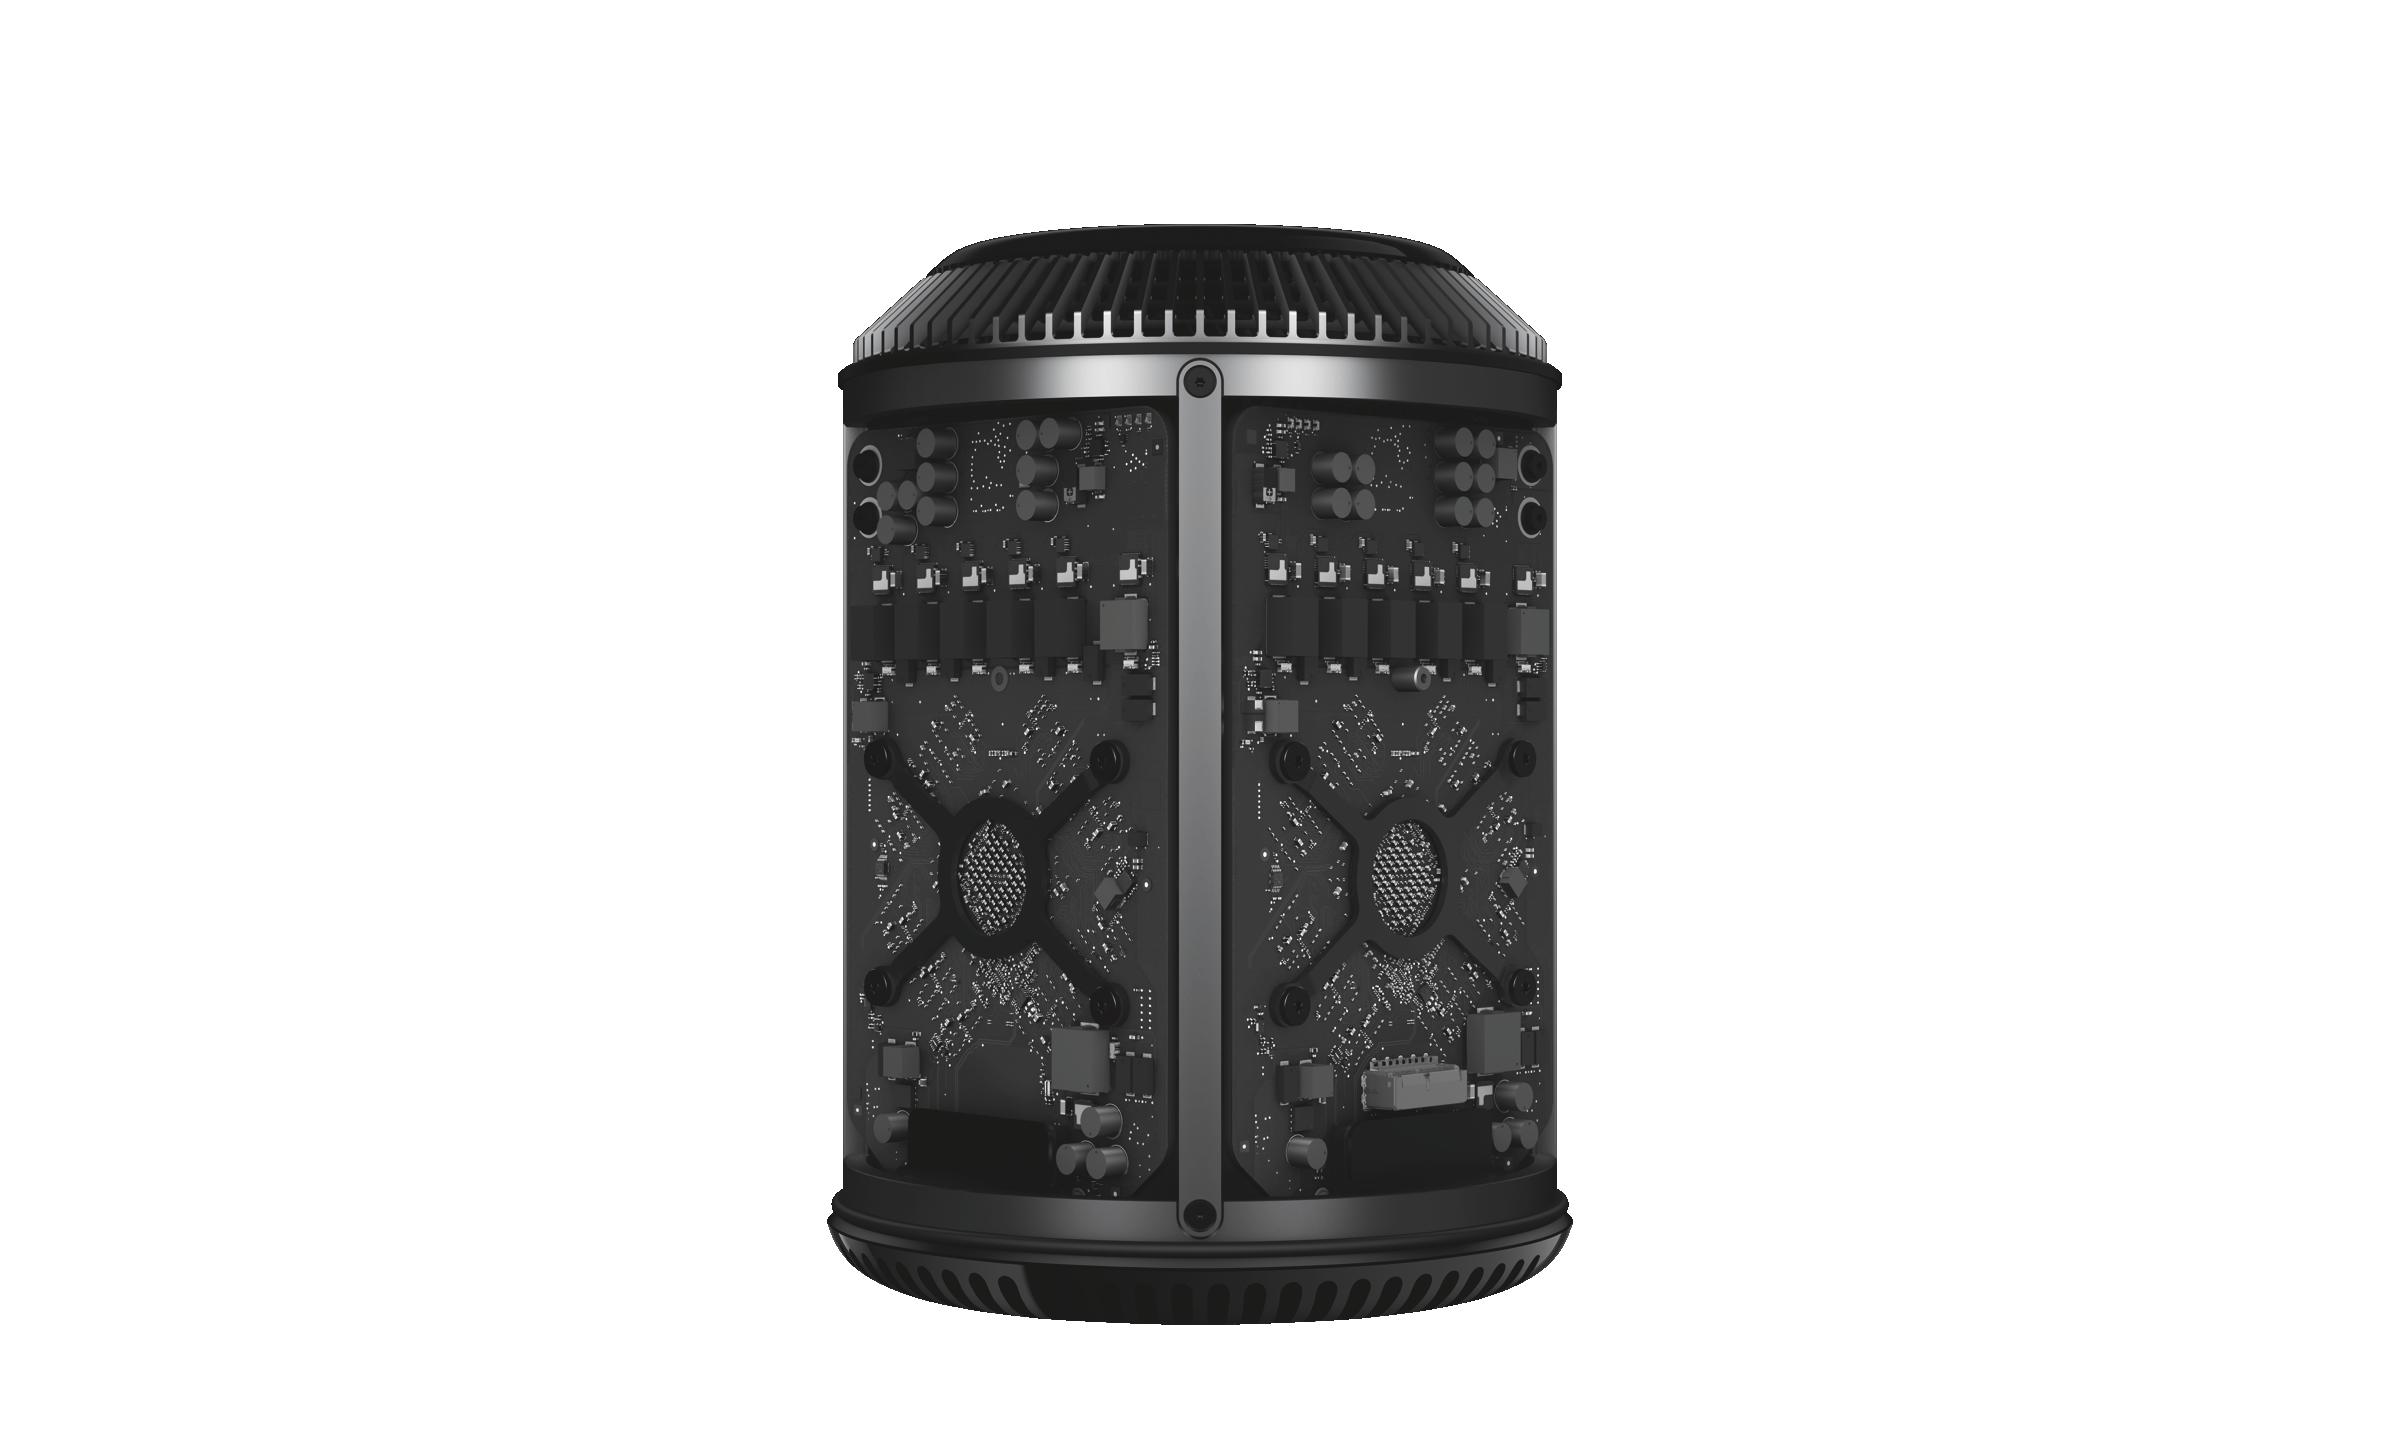 Tearaway rendering of Mac Pro